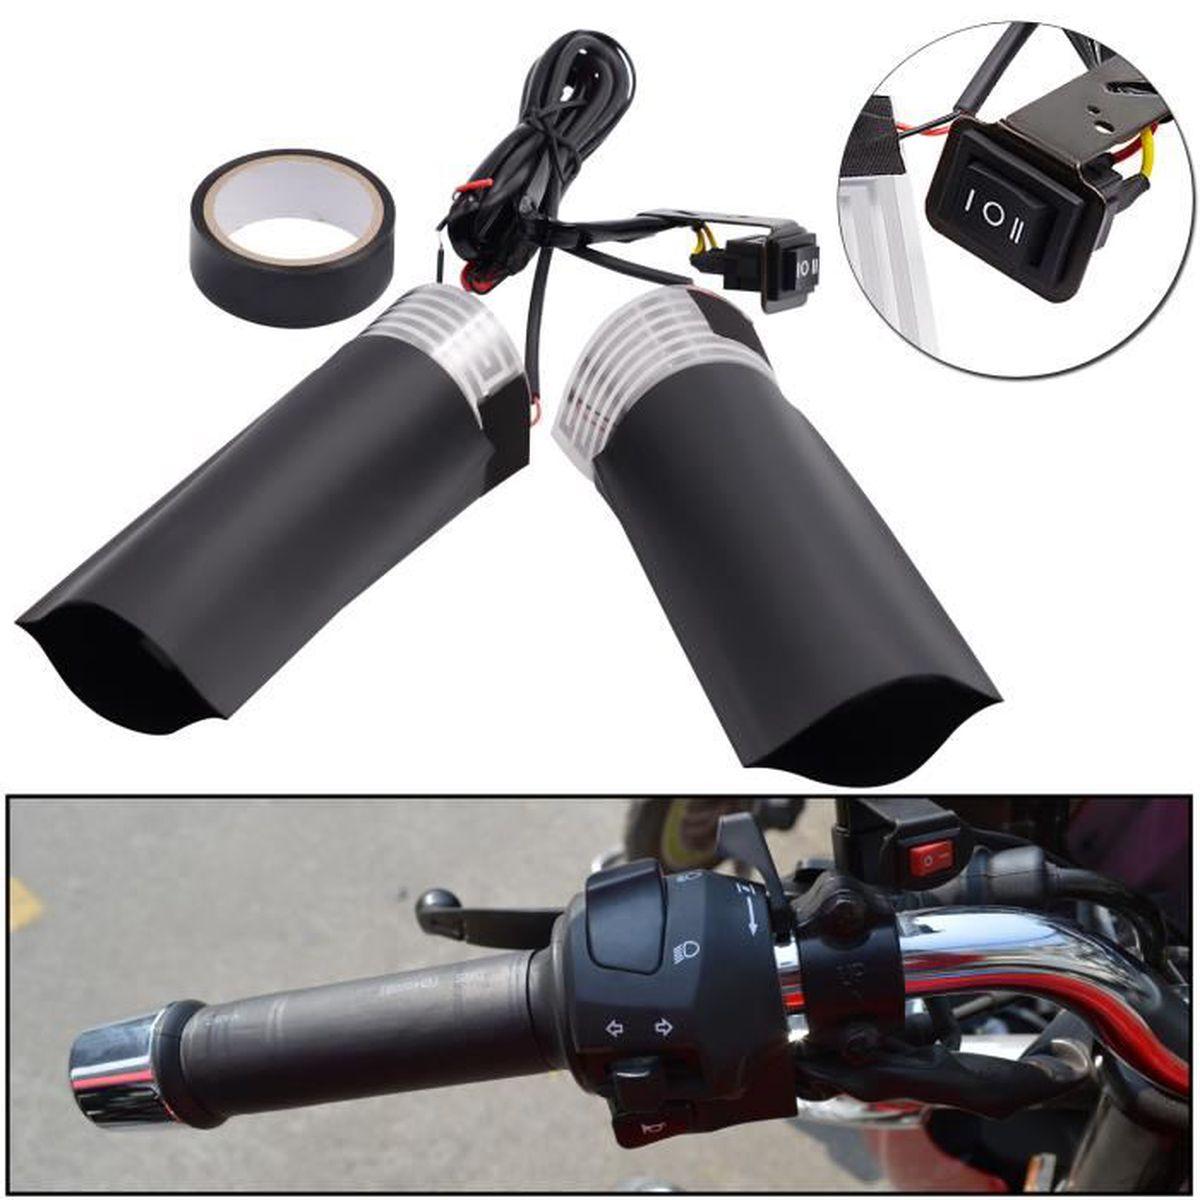 Poign/ées chauffantes USB pour guidon de moto avec interrupteur de contr/ôle de la temp/érature noir